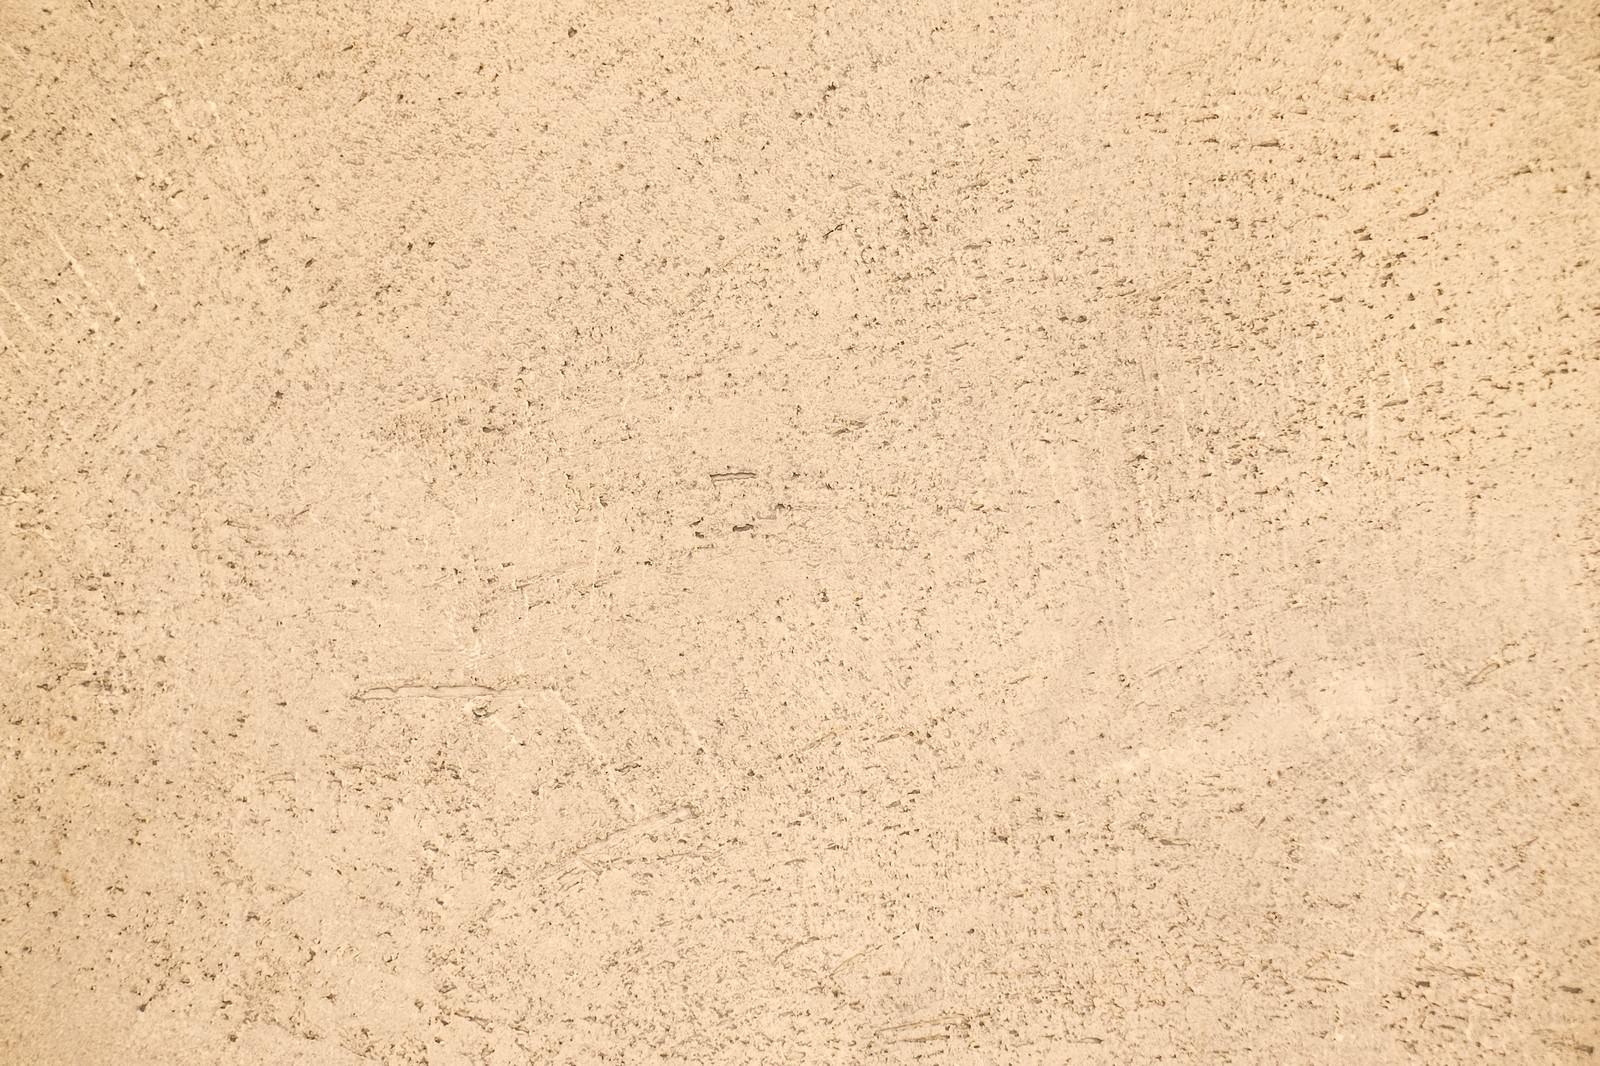 「壁をペンキで塗った跡(テクスチャー)」の写真